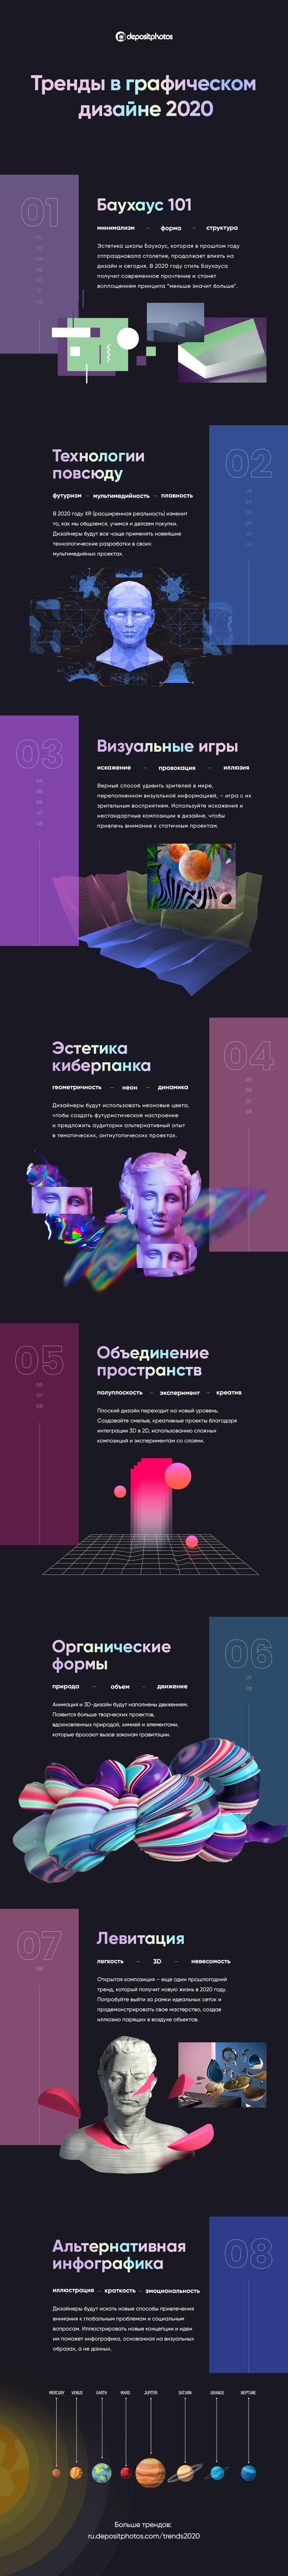 Тренды в графическом дизайне 2020 [Инфографика]